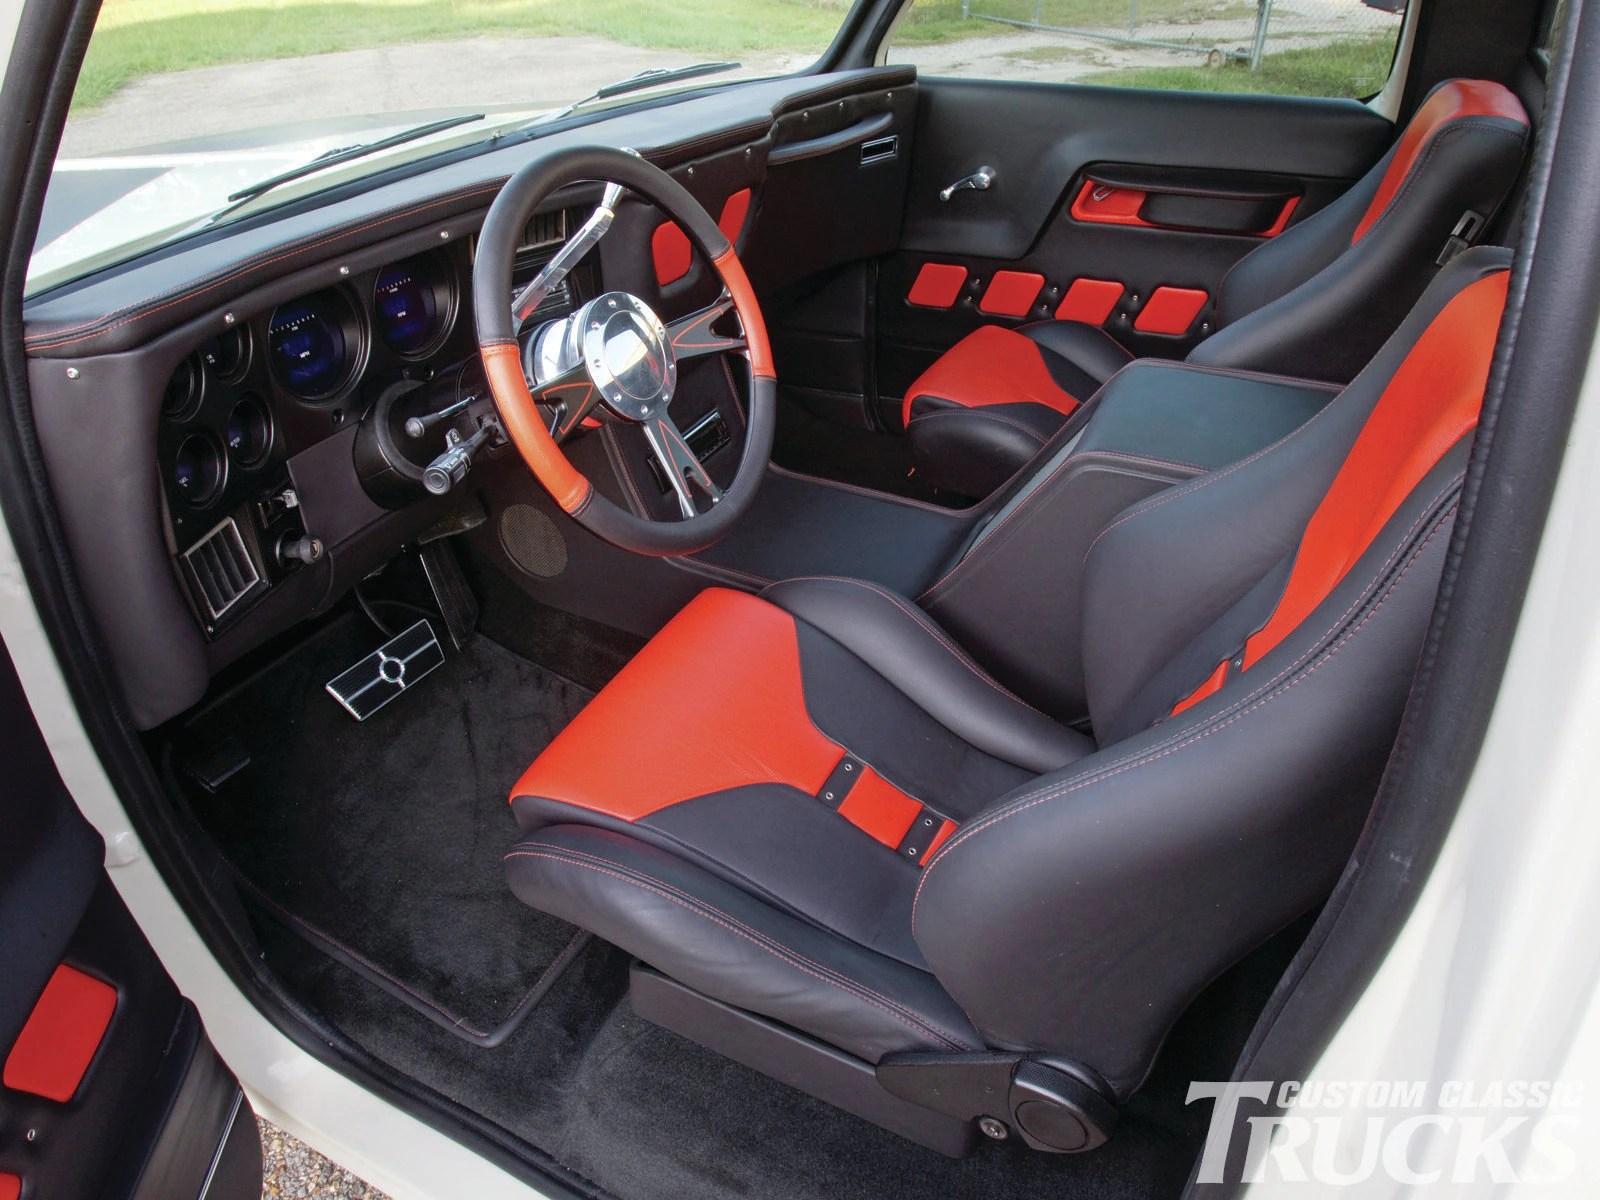 Stepside 1984 Chevrolet